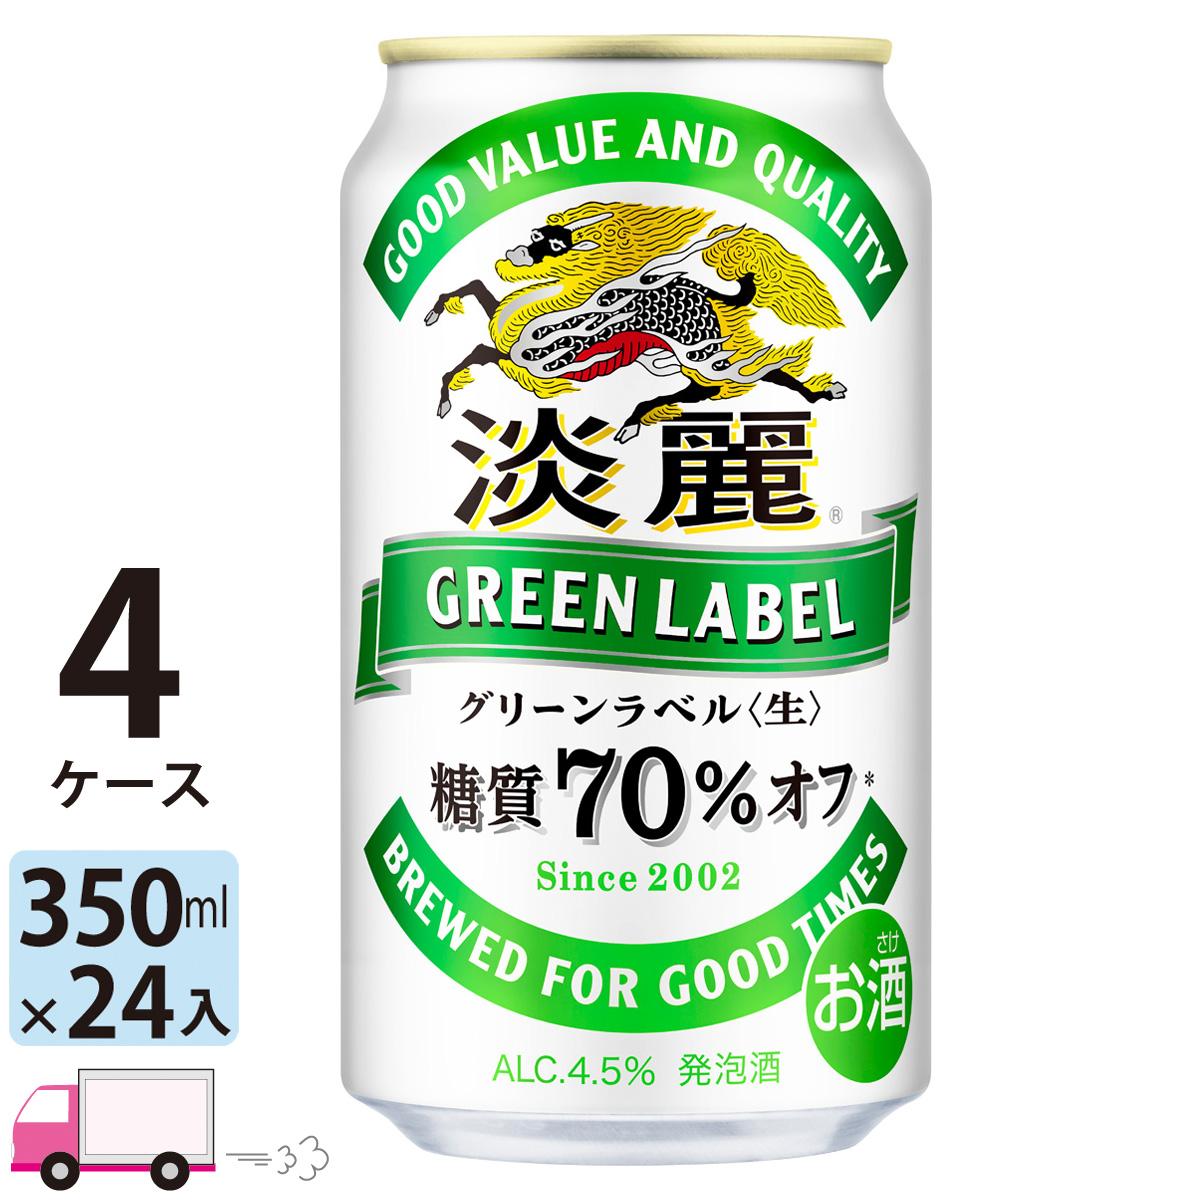 糖質70%オフで、すっきり飲みやすい、淡麗グリーンラベル。 送料無料 キリン ビール 淡麗 グリーンラベル 350ml ×24缶入 4ケース (96本)